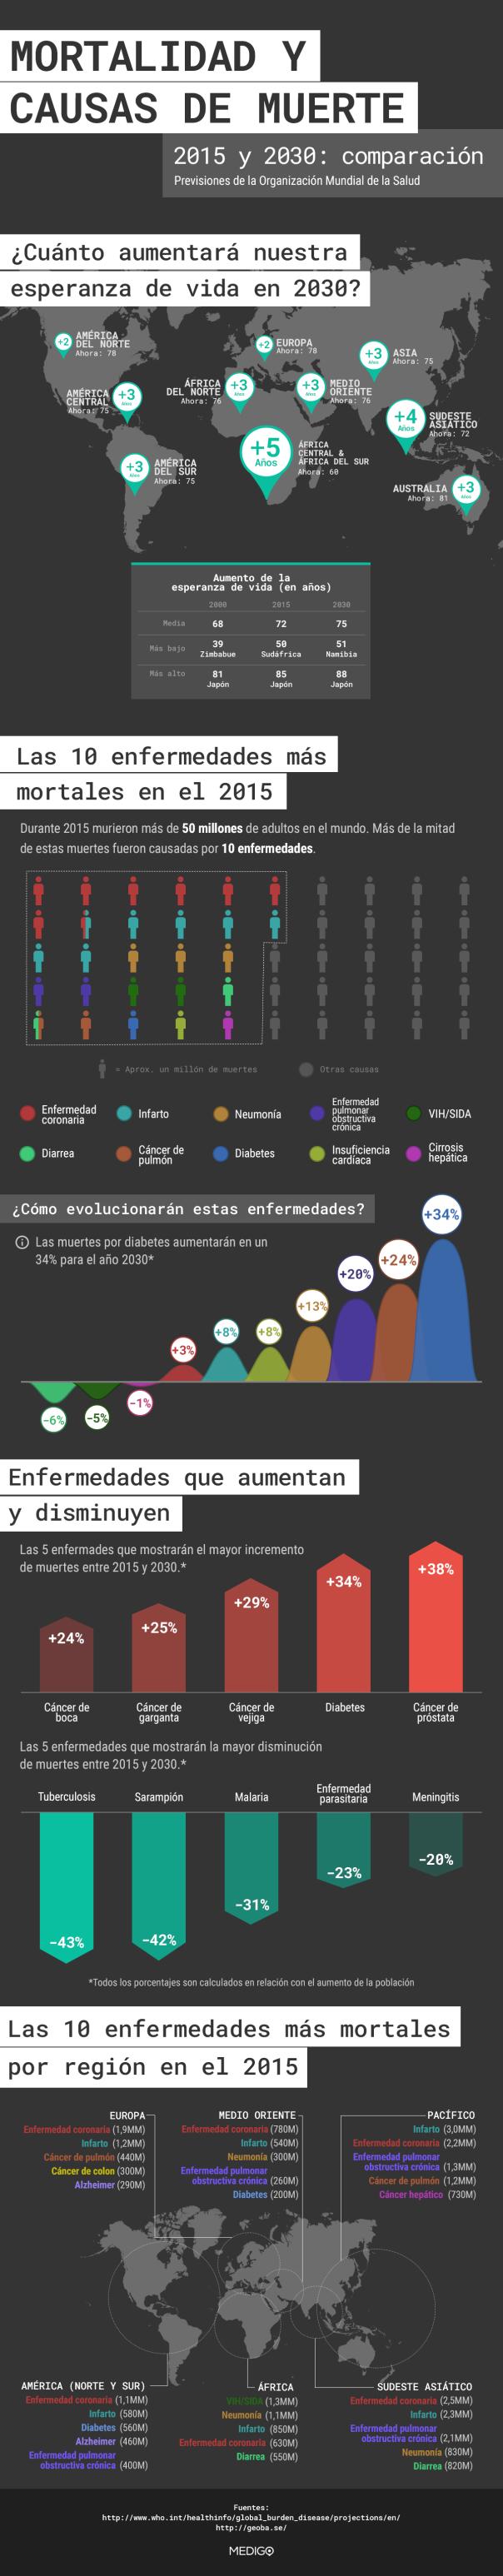 es_infographic_deaths_07-5